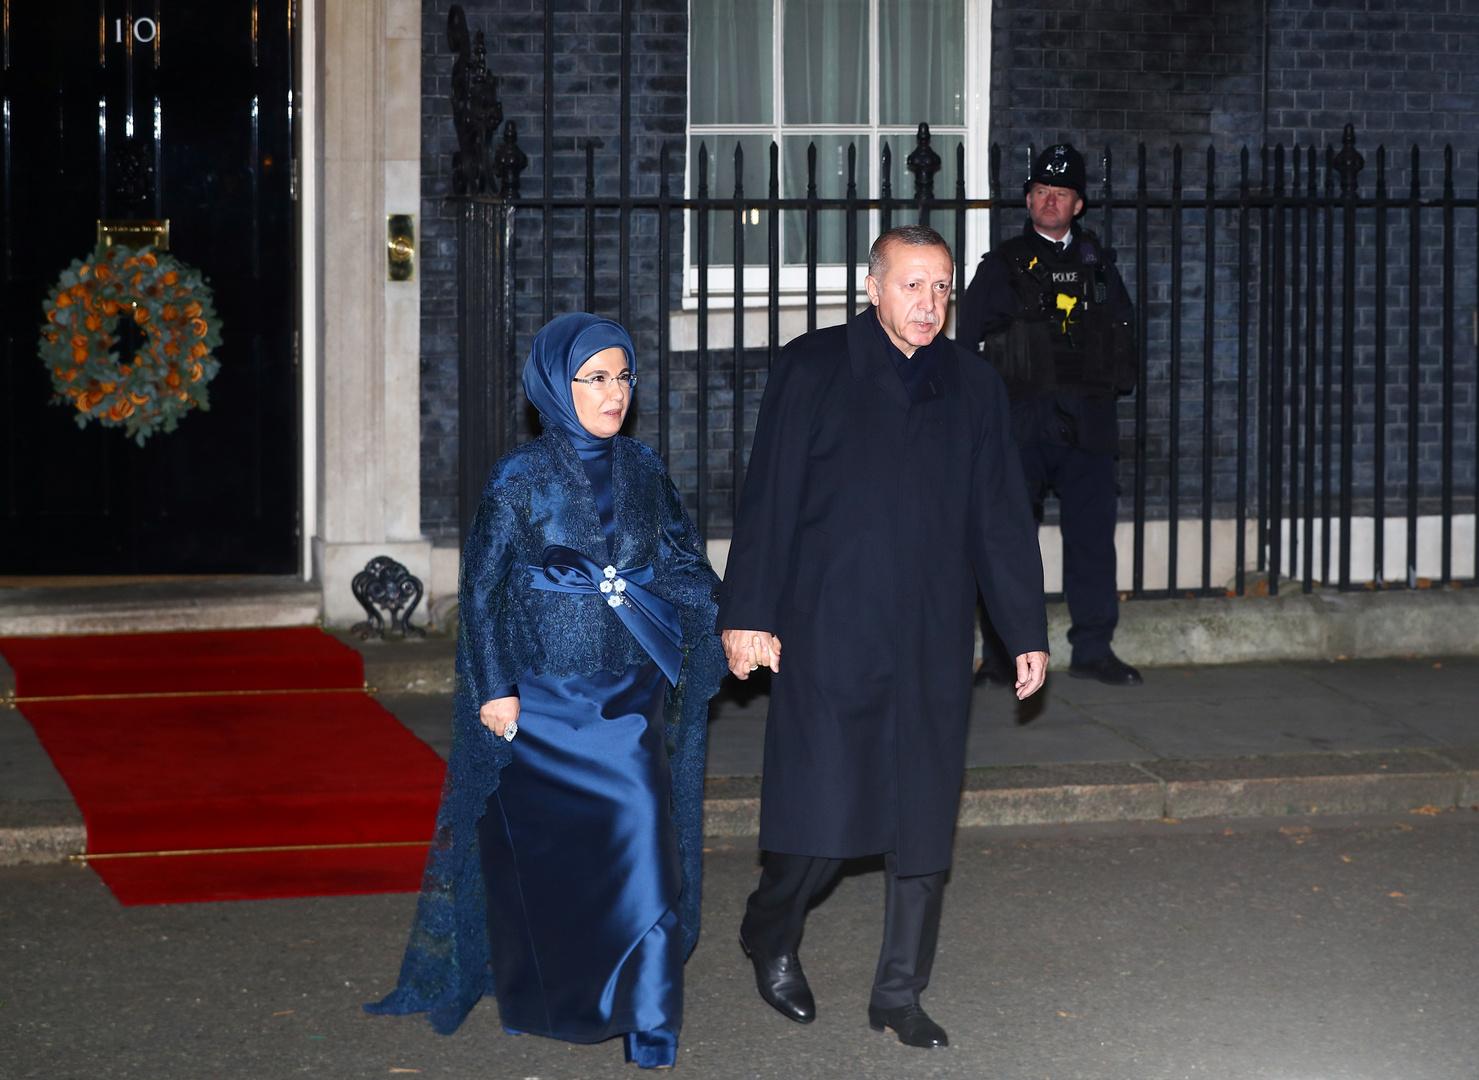 بريطانيا.. حضور لافت لعقيلة أردوغان بالحجاب في قصر باكنغهام (فيديو)